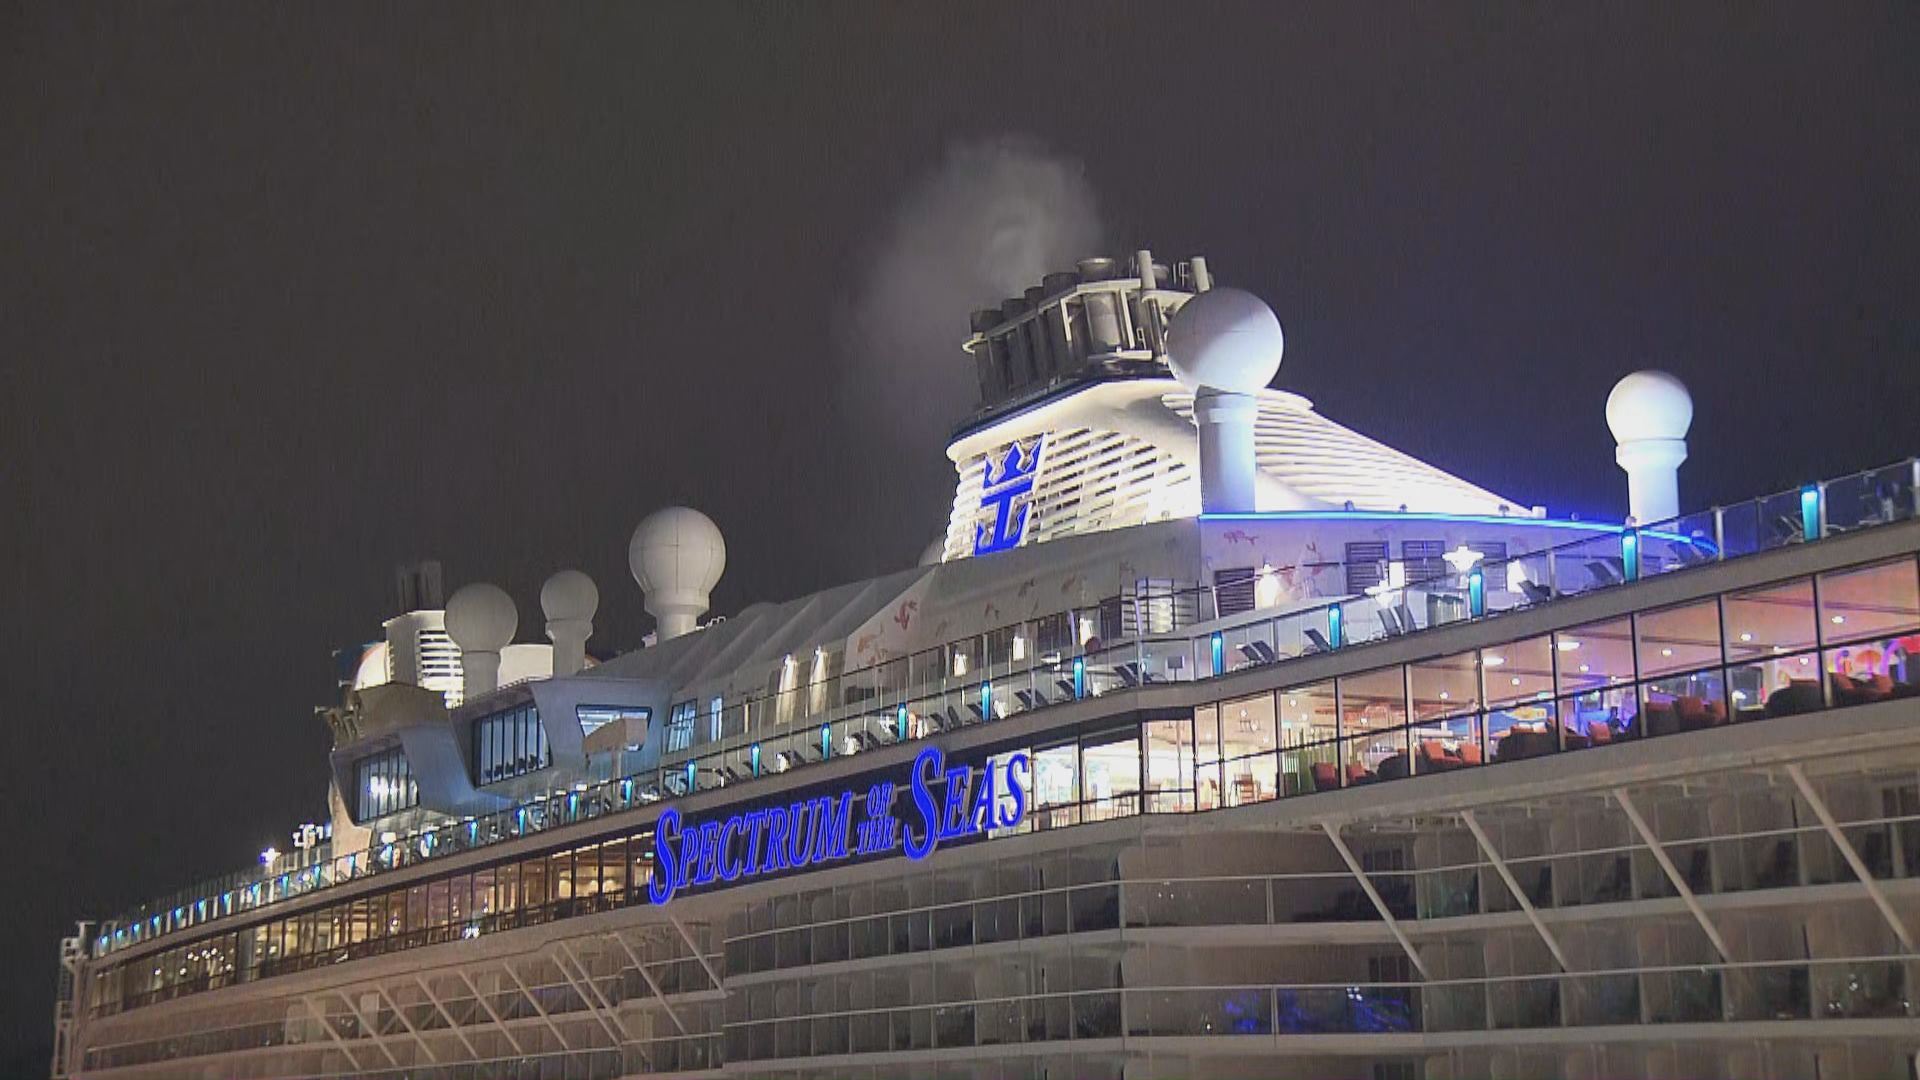 「海洋光譜號」員工疑復陽 航程取消旅客下船離開